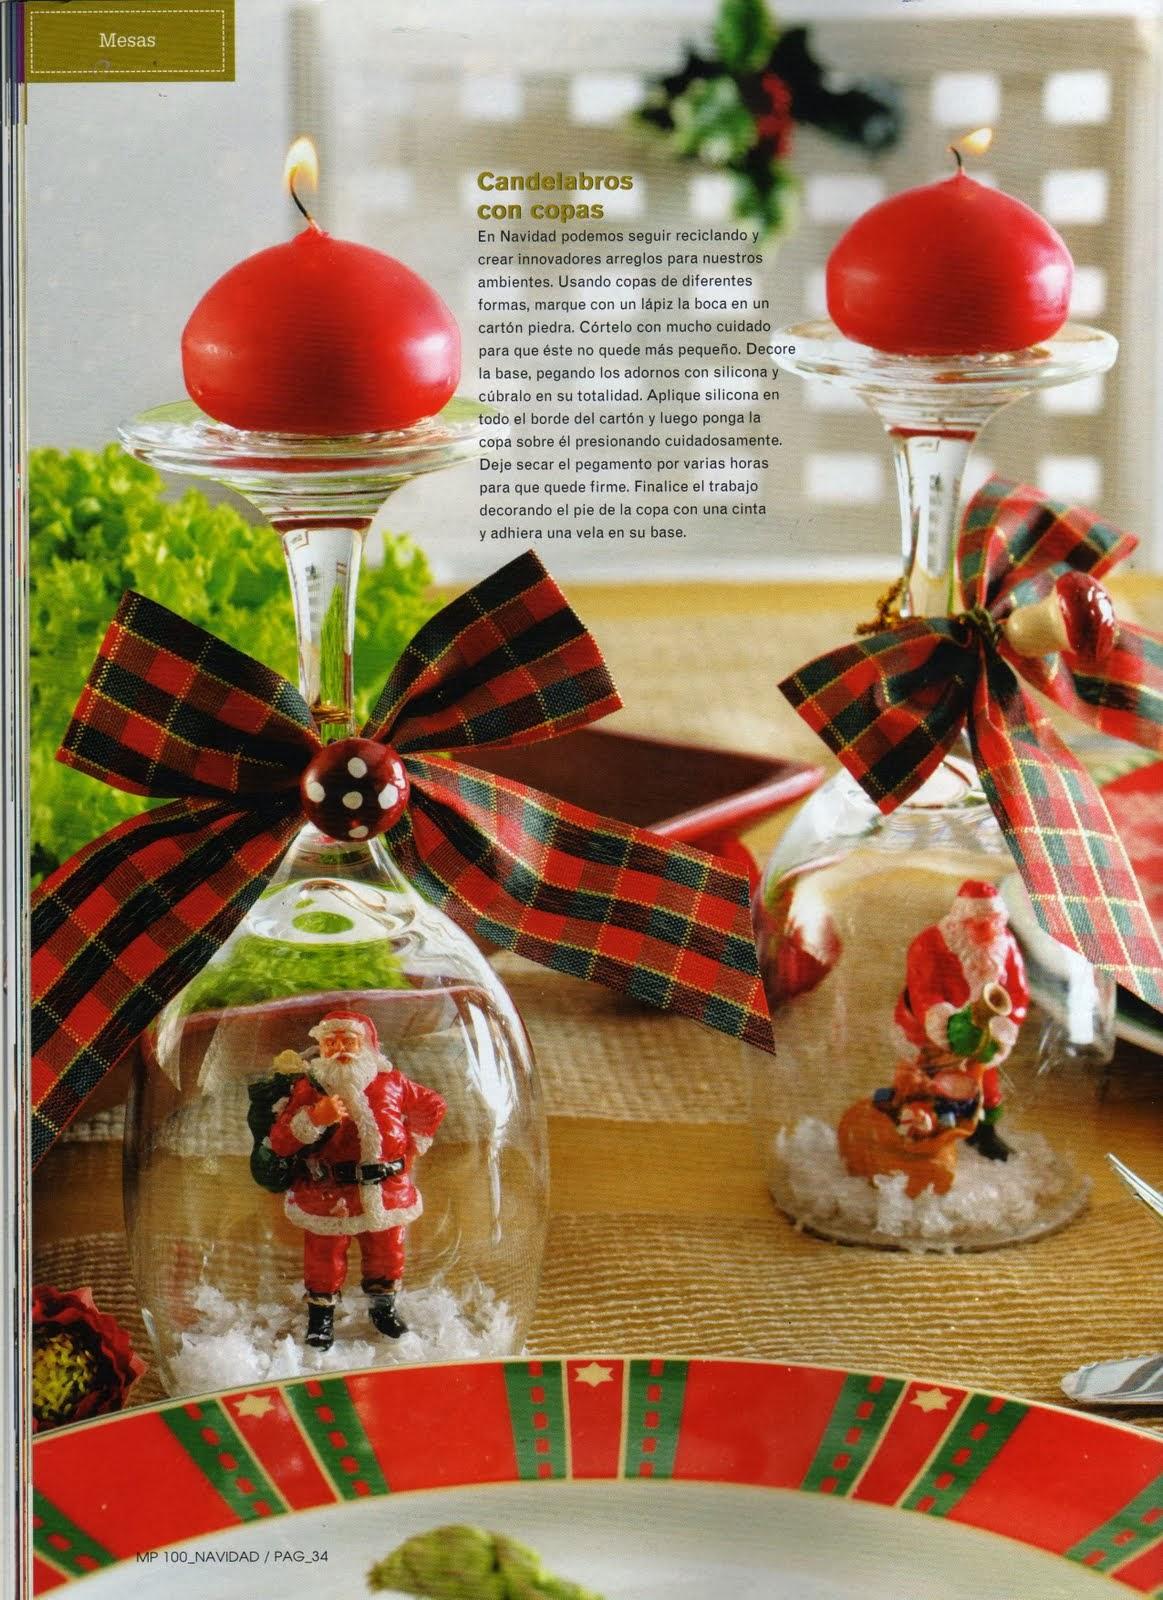 Ideas decorativas para navidad hazlo t mismo - Adornos navidenos con velas ...